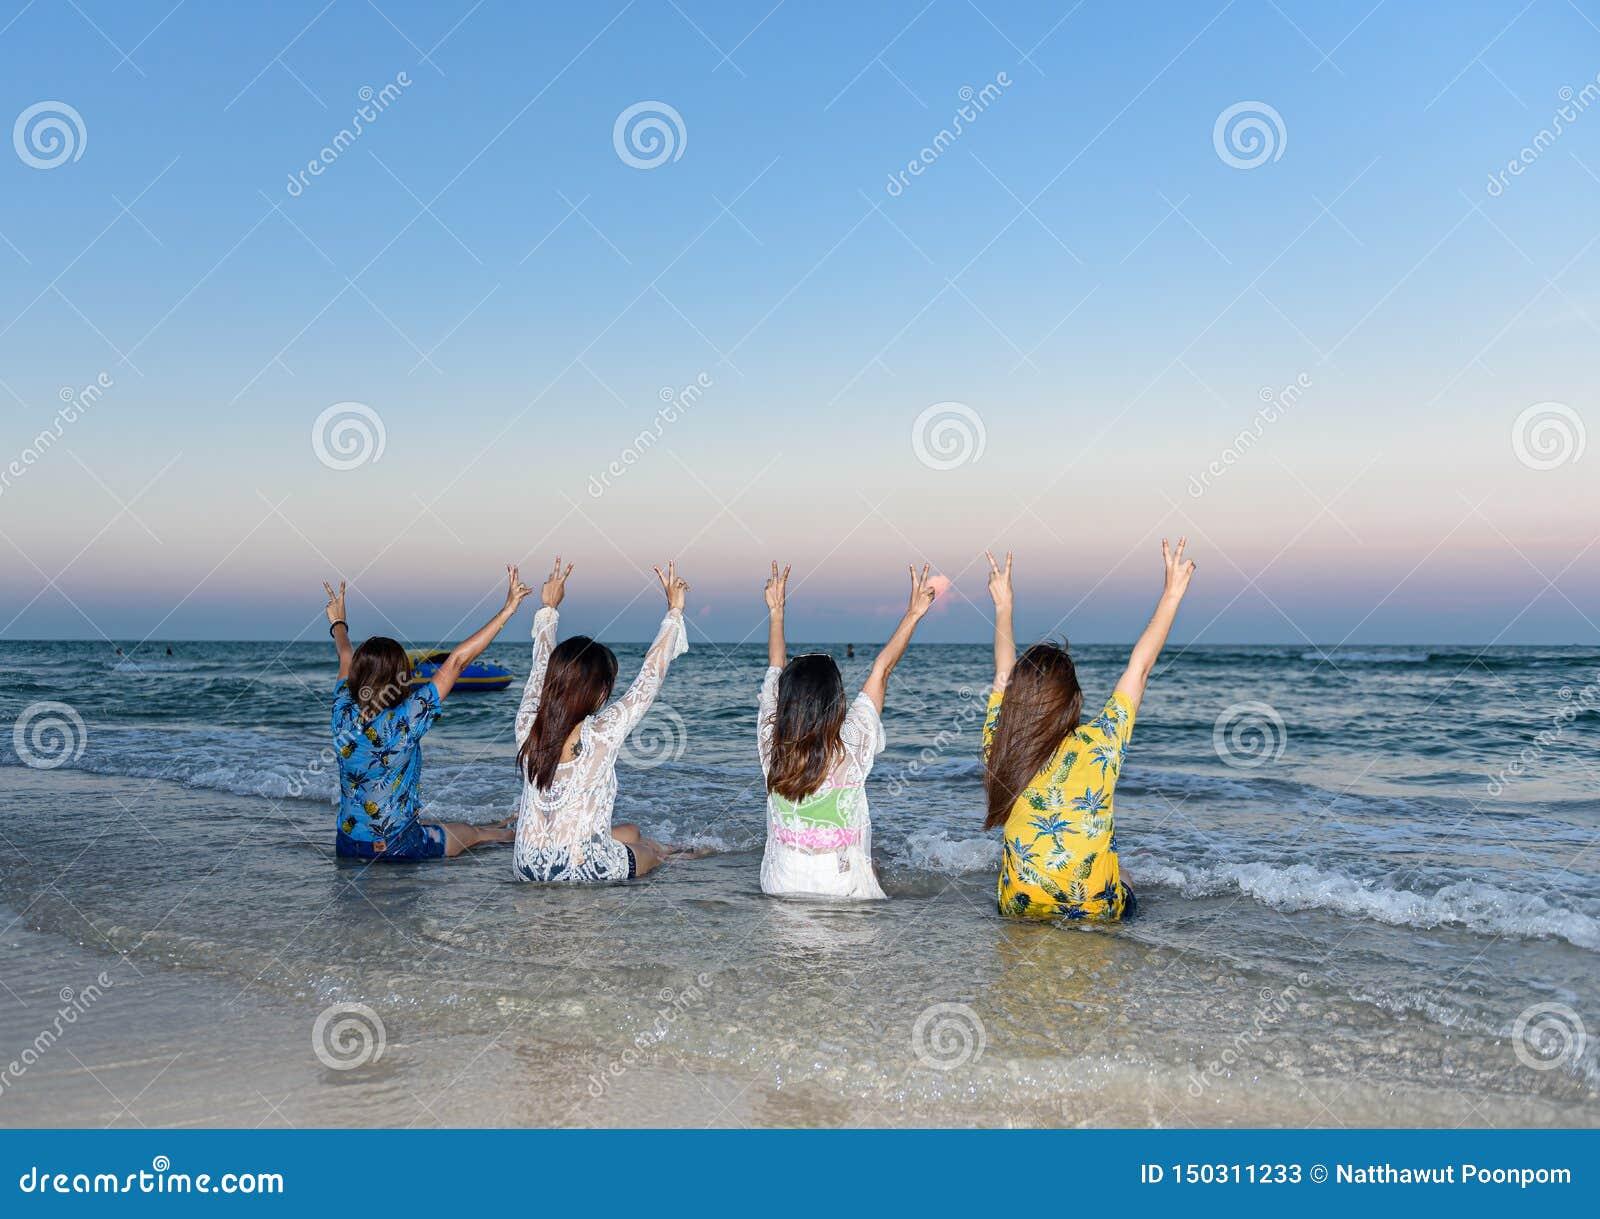 Τέσσερις γυναίκες ήταν φίλοι, κάθισαν πίσω και αύξησαν τα χέρια τους στην παραλία